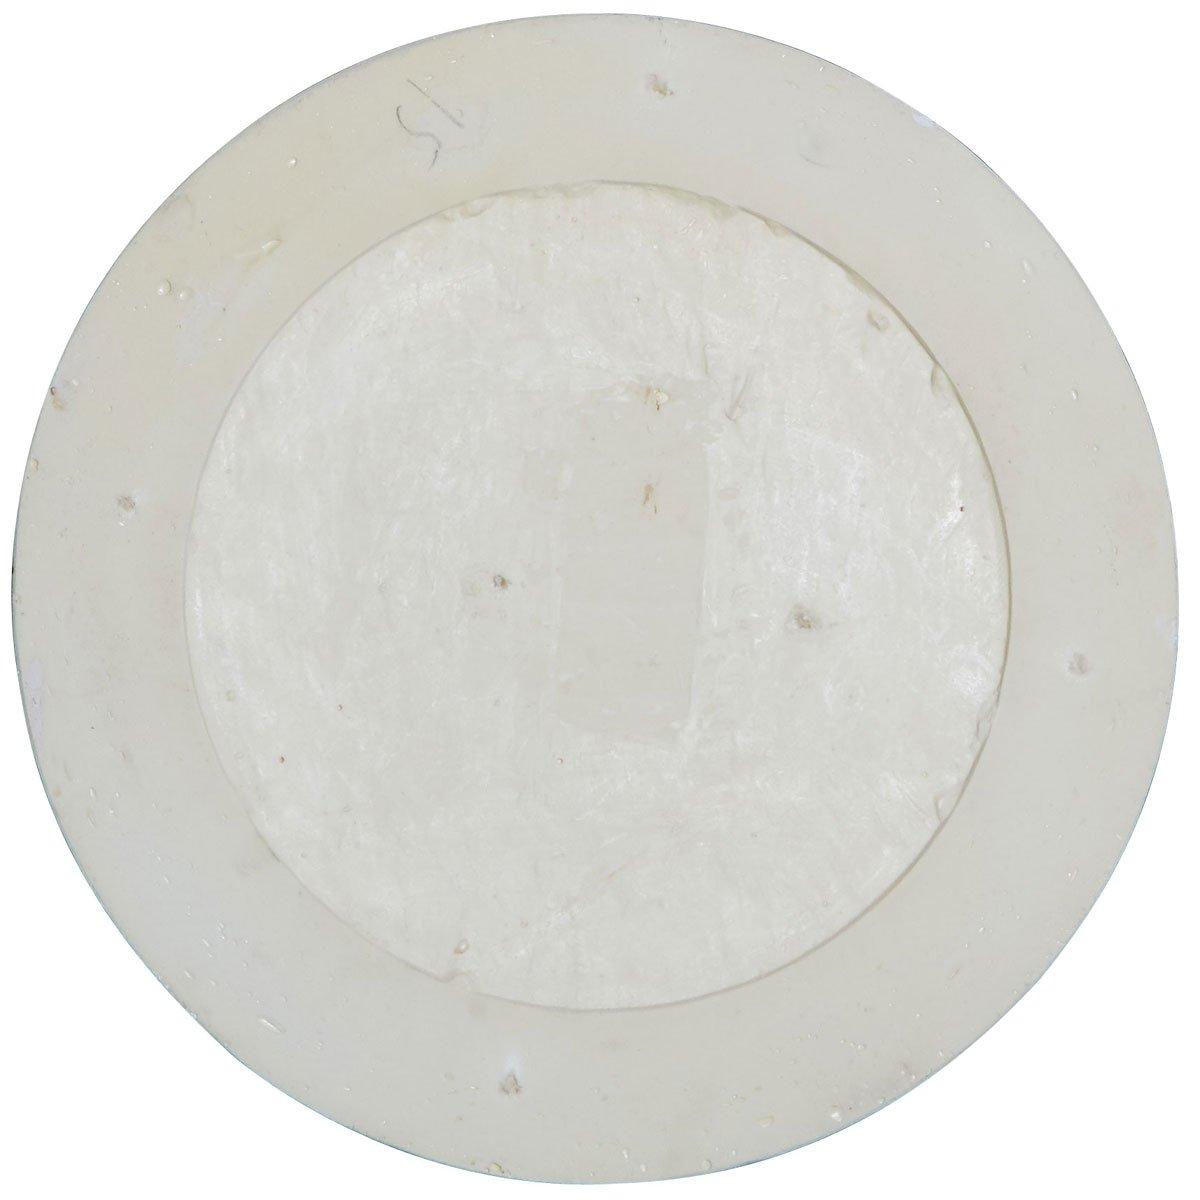 Ekena Millwork ROS08X08LI-CASE-4 Rosette 4 Pack Factory Primed